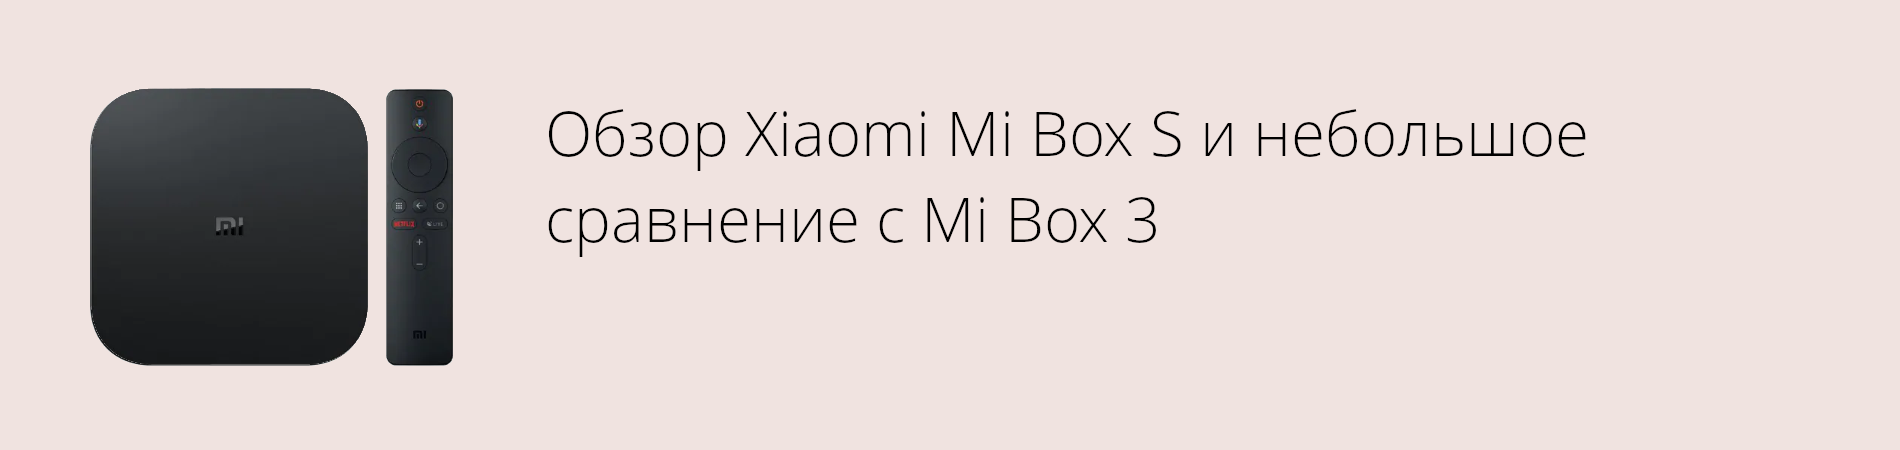 Обзор Xiaomi Mi Box S и небольшое сравнение с Mi Box 3